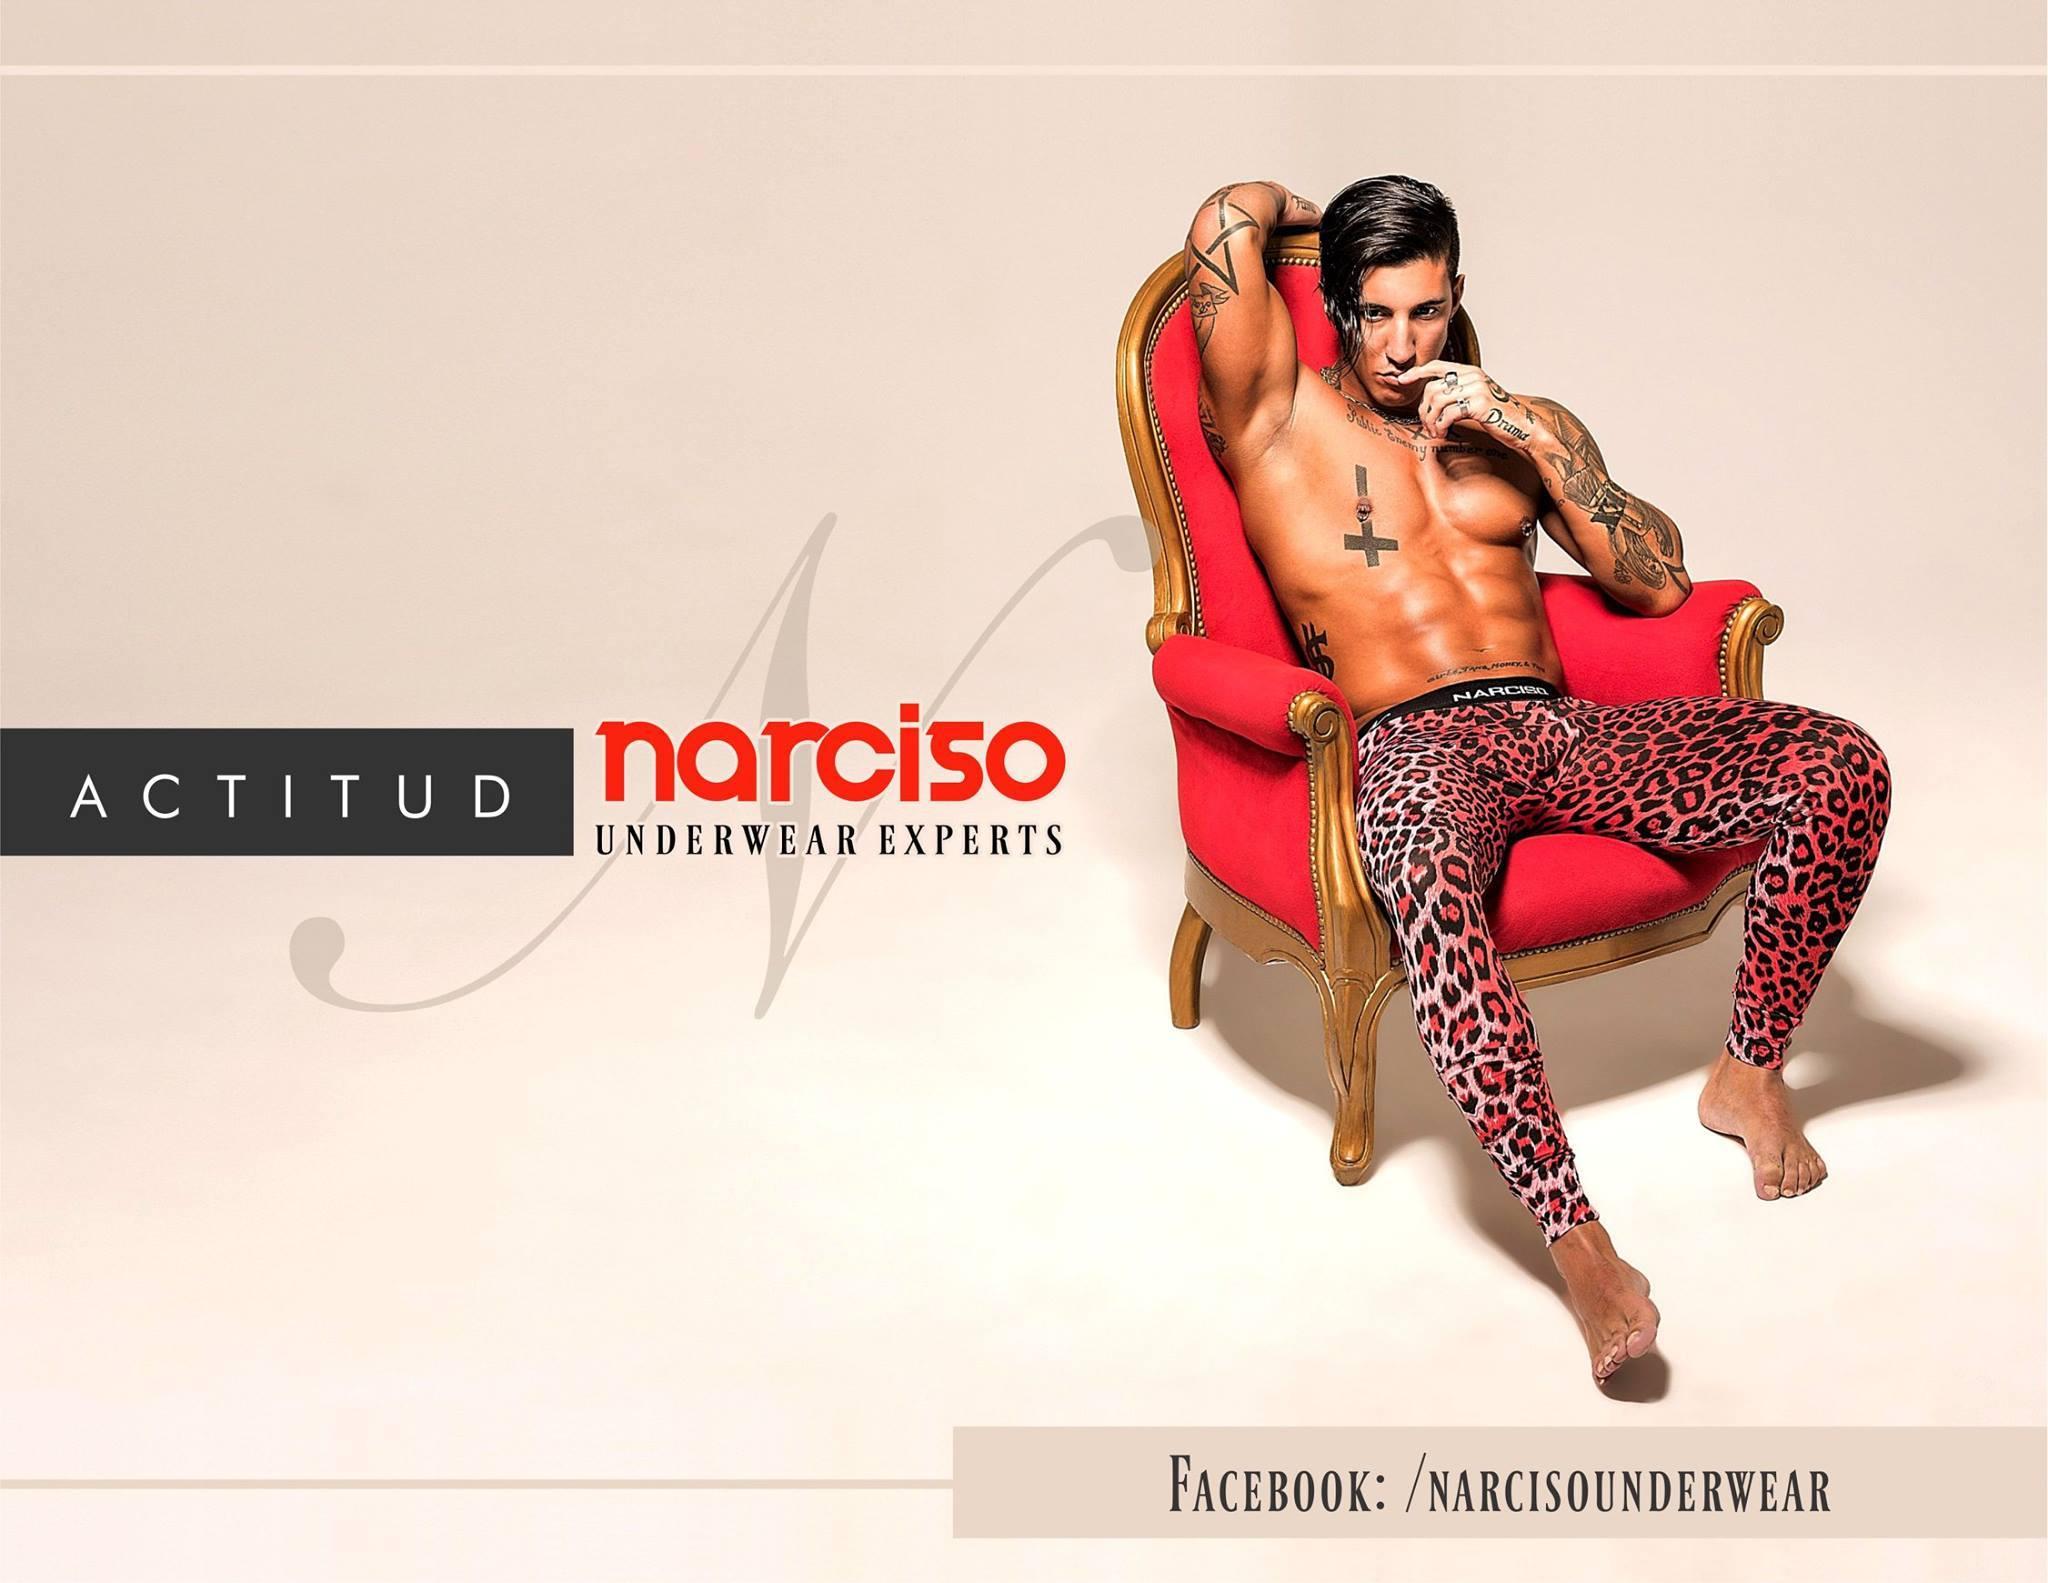 Campaña Narciso Underwear